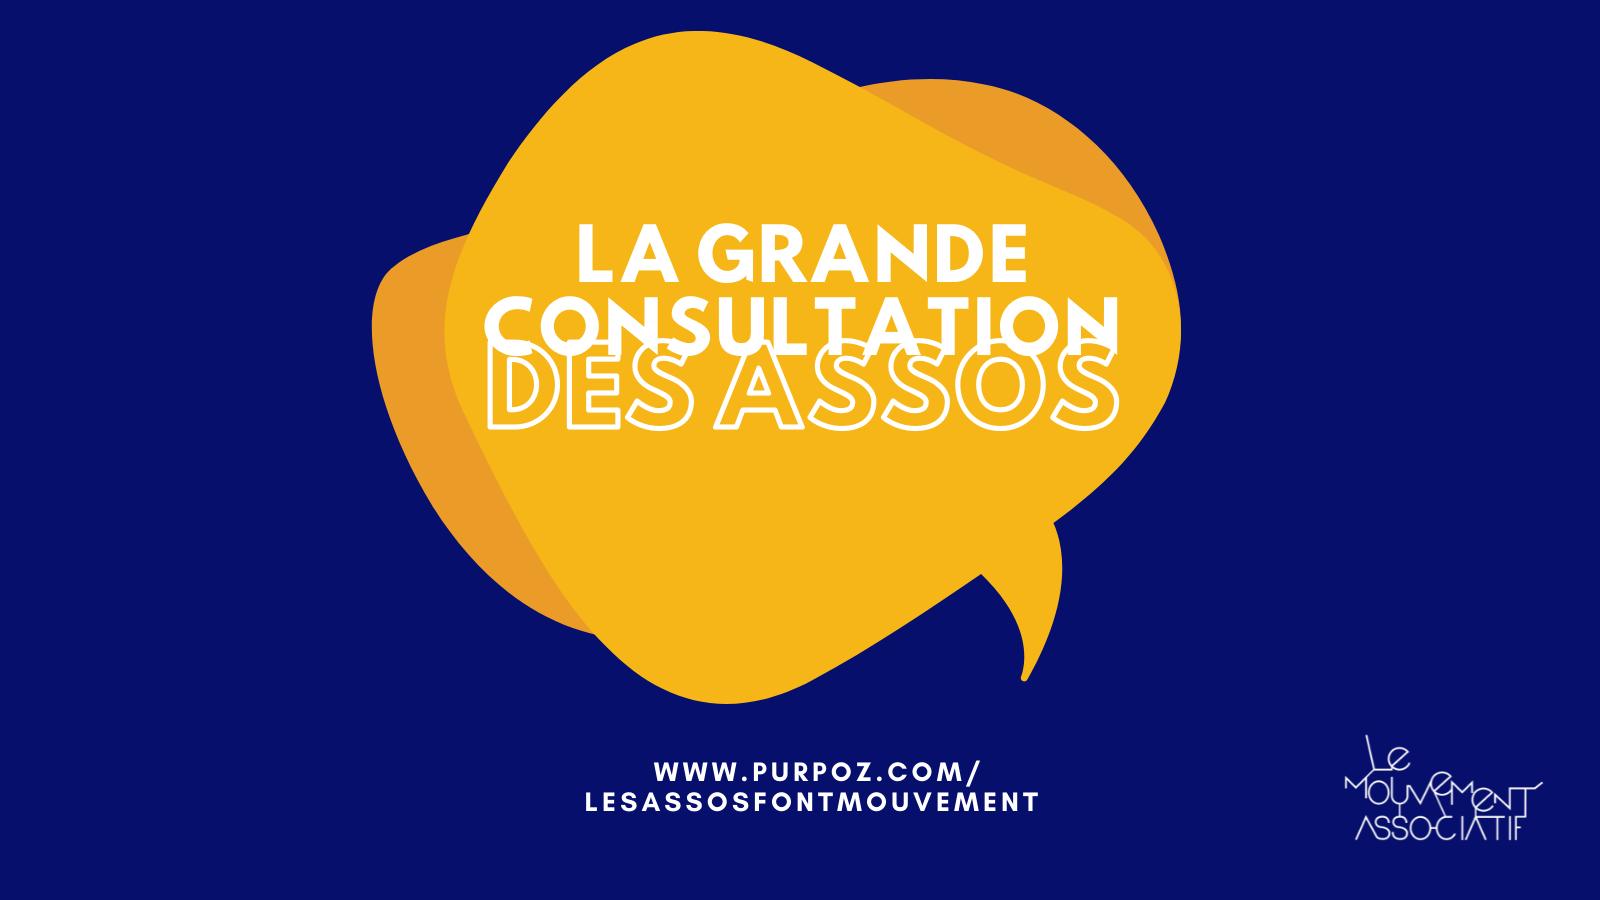 Présidentielle 2022 : La Grande consultation des Assos !